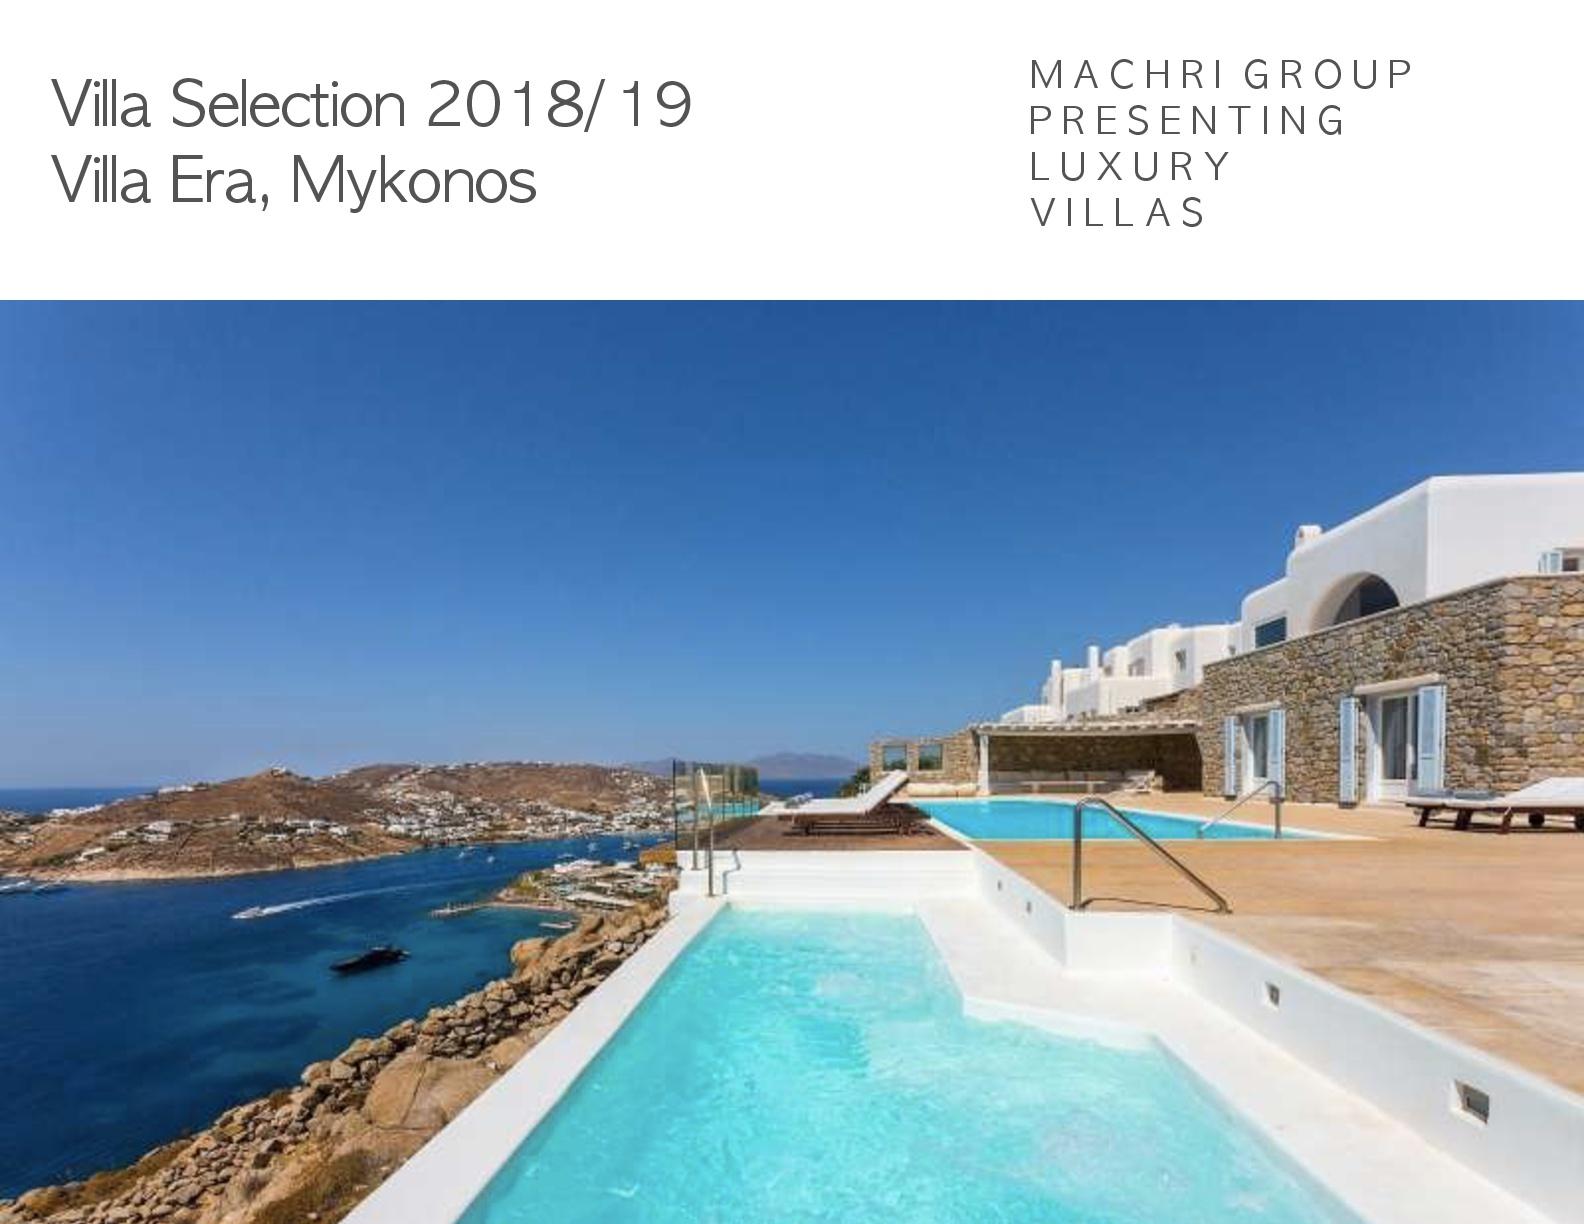 Villa-Era-Mykonos-ilovepdf-compressed-001